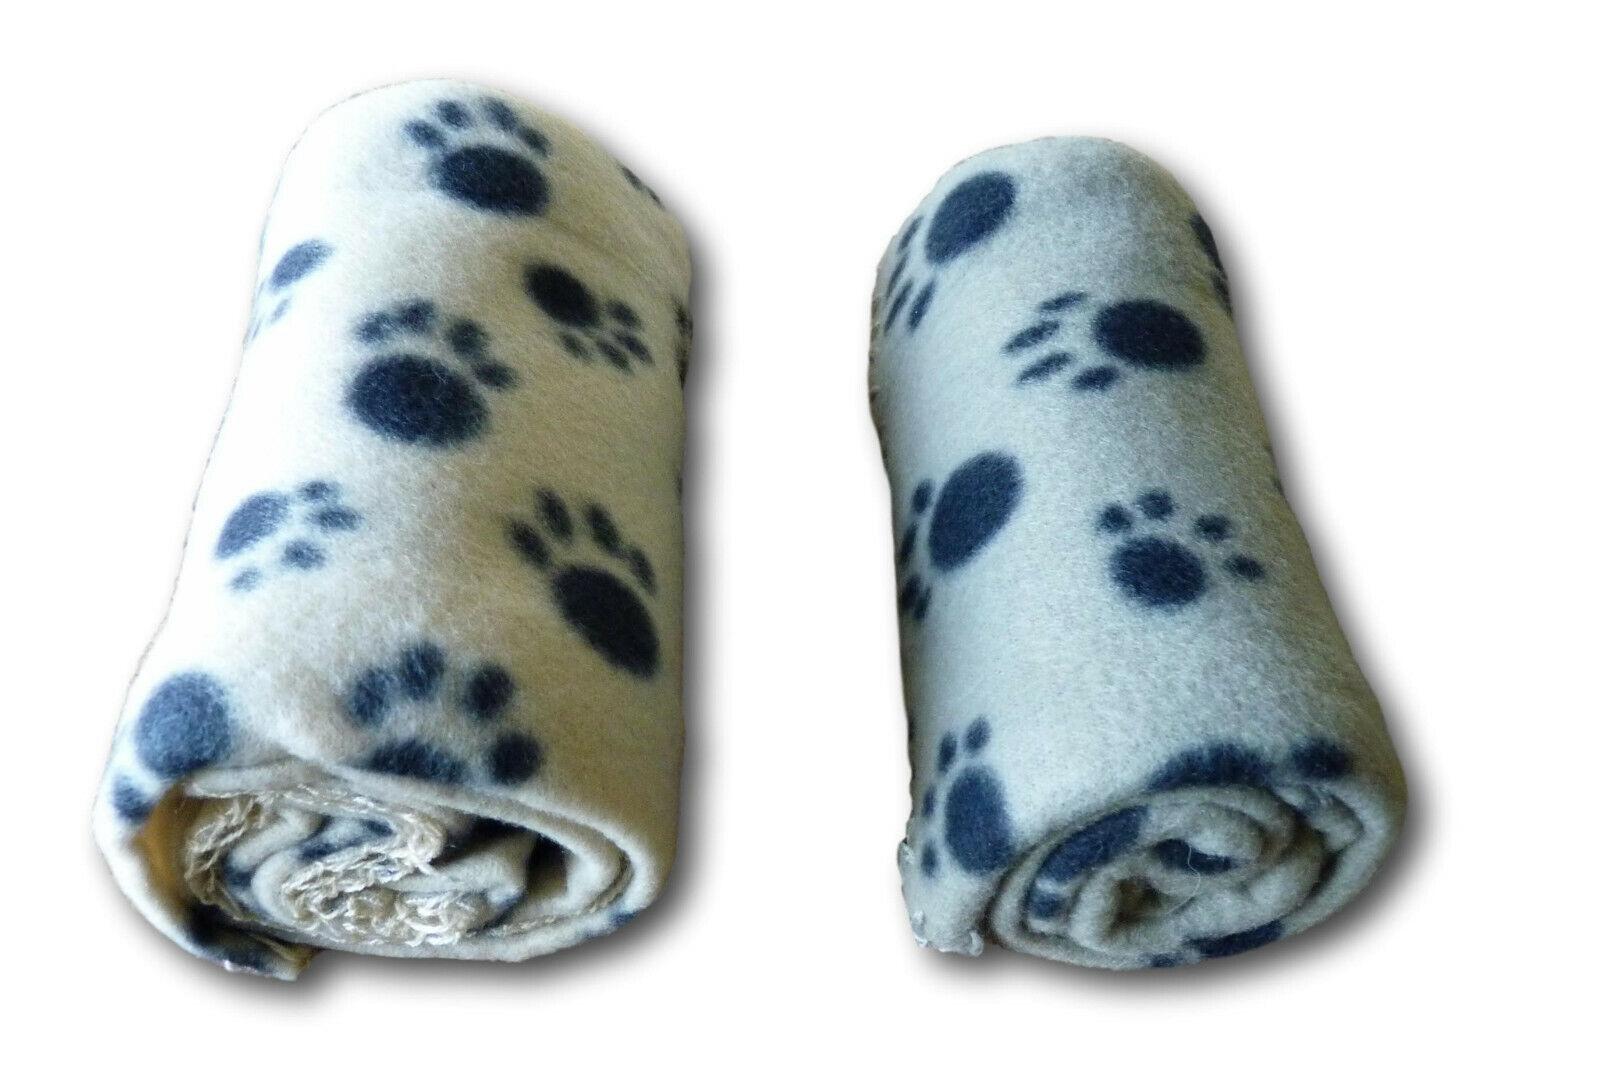 Tiertuch Tierdecke Hundedecke Katzendecke 70 x 70 cm Decke Tuch Haustierdecke